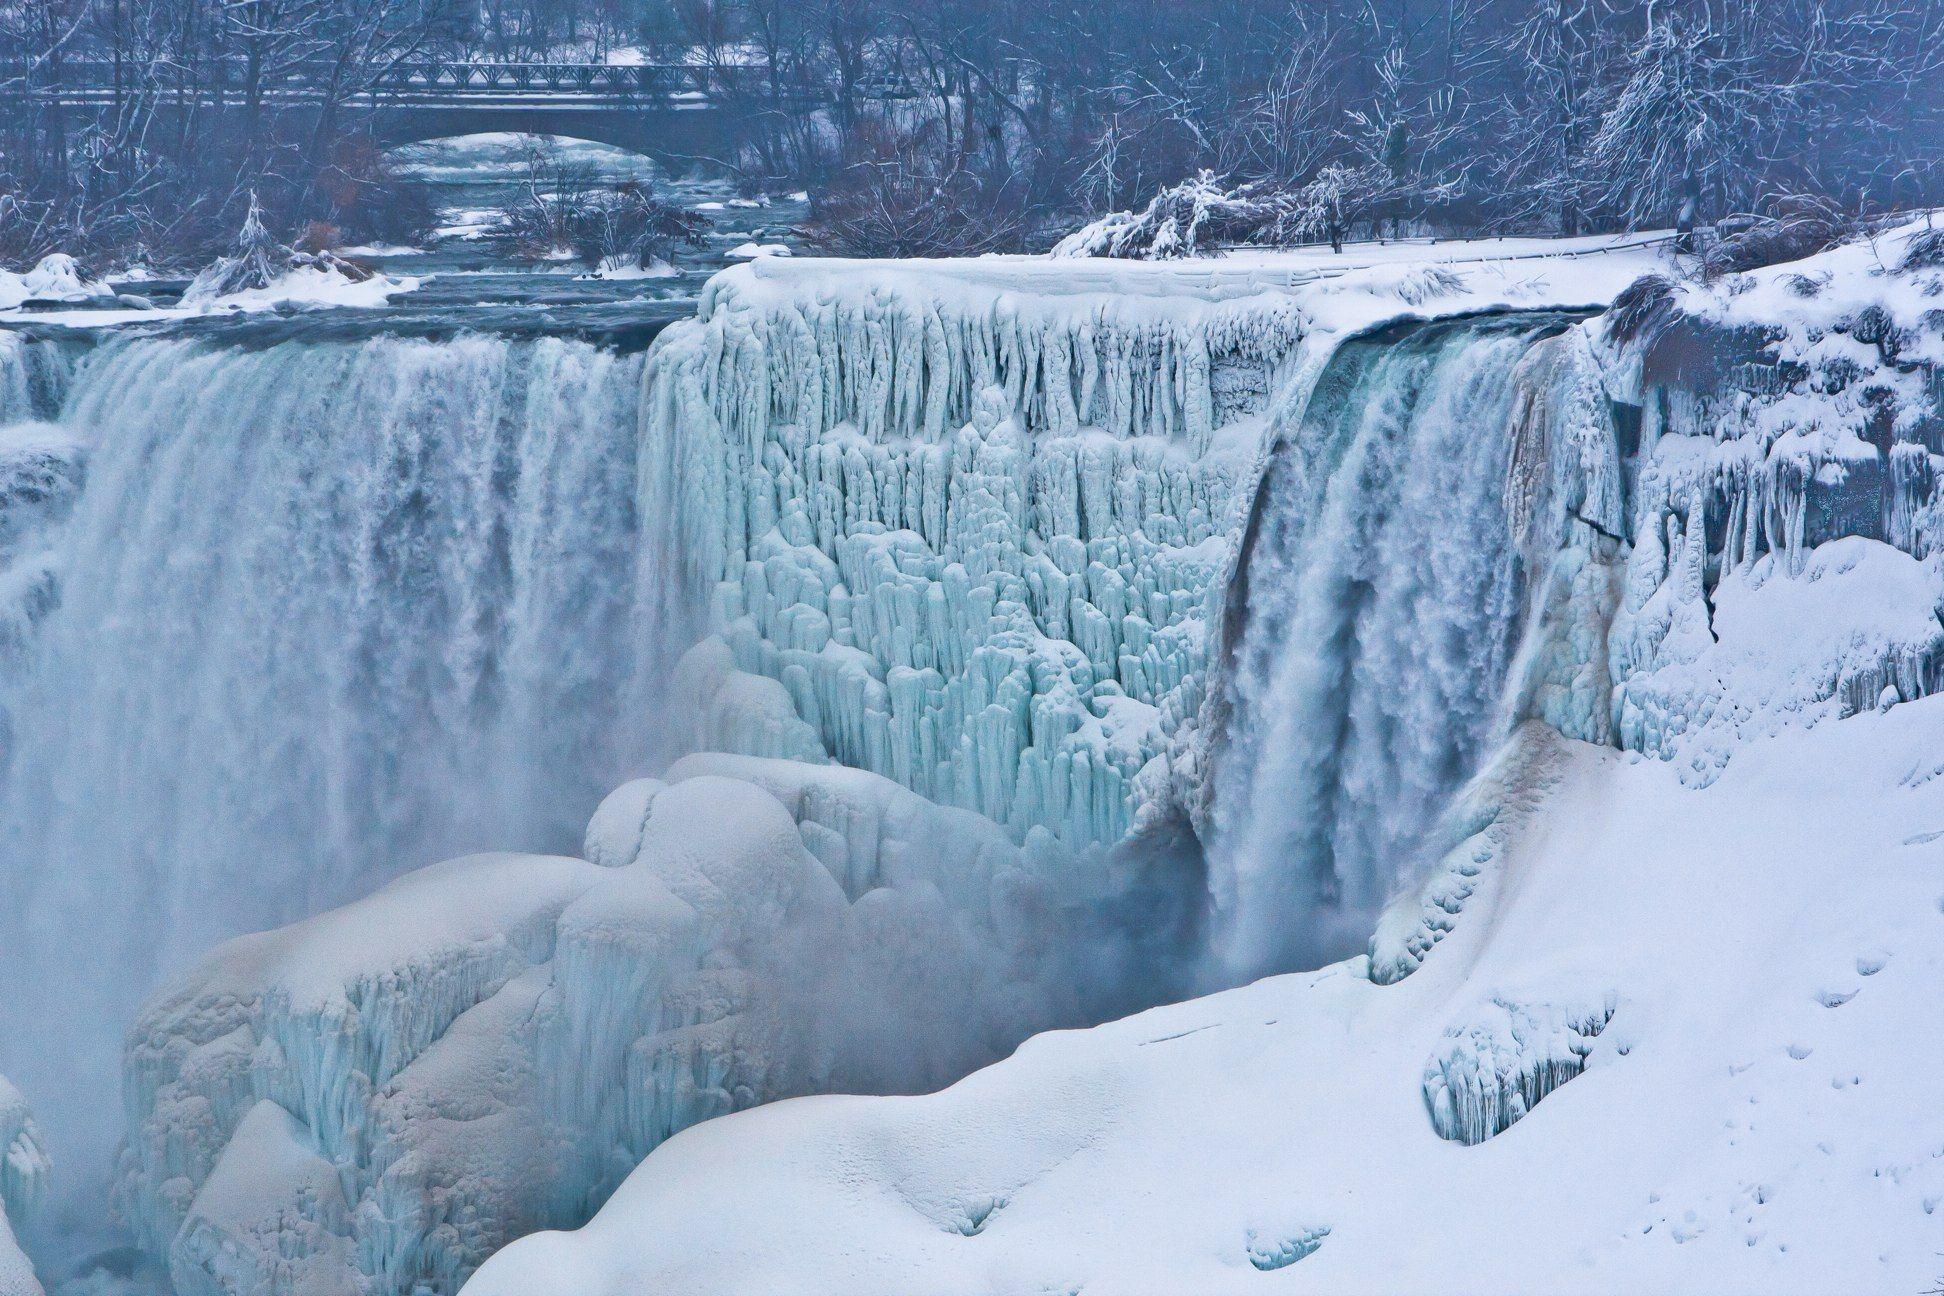 Frozen Falls Awesome Frozen Niagara Falls Wallpaper